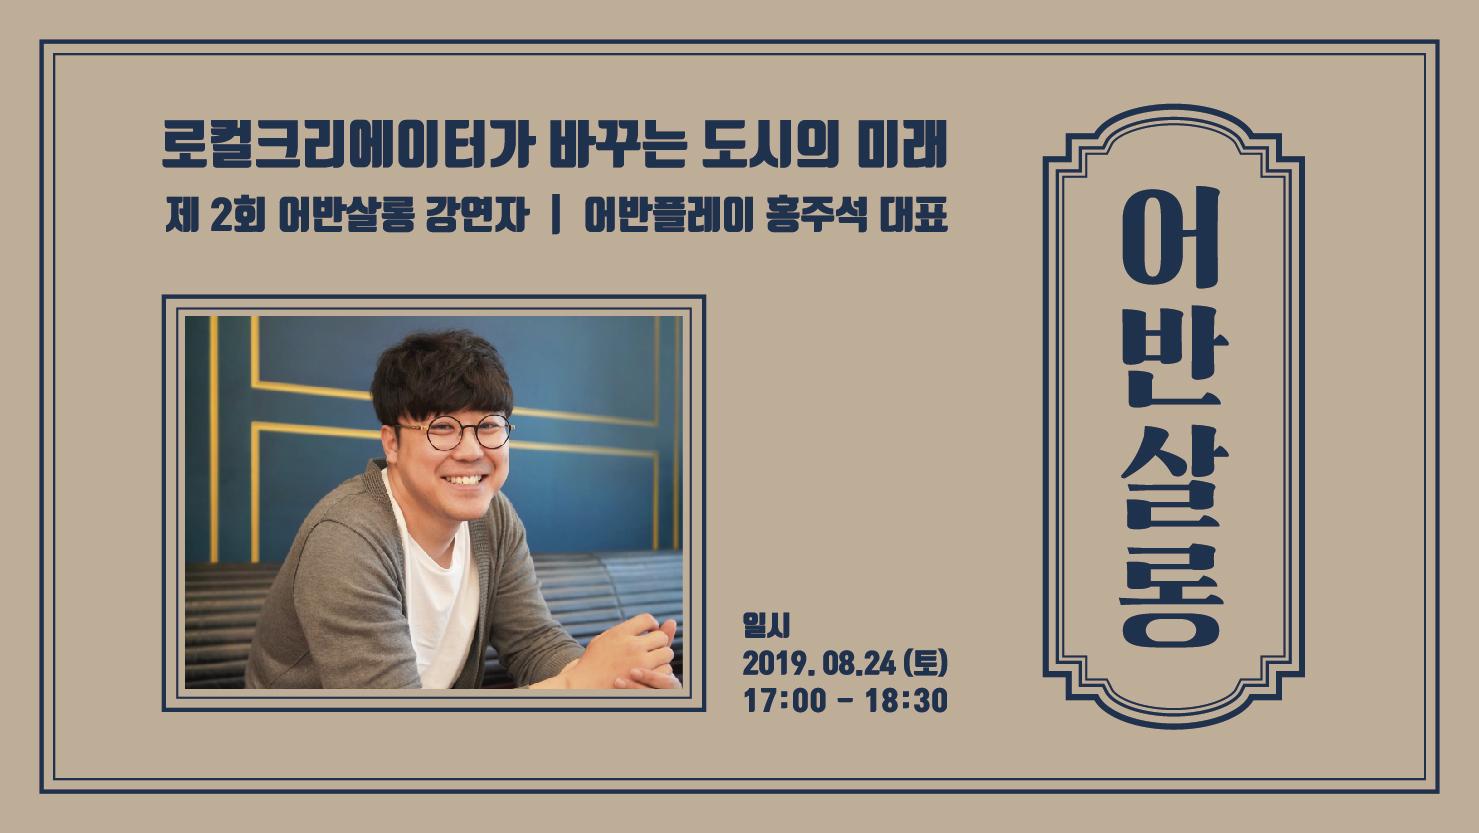 서울도시재생이야기관 '어반살롱(URBAN SALON)' 2회 개최